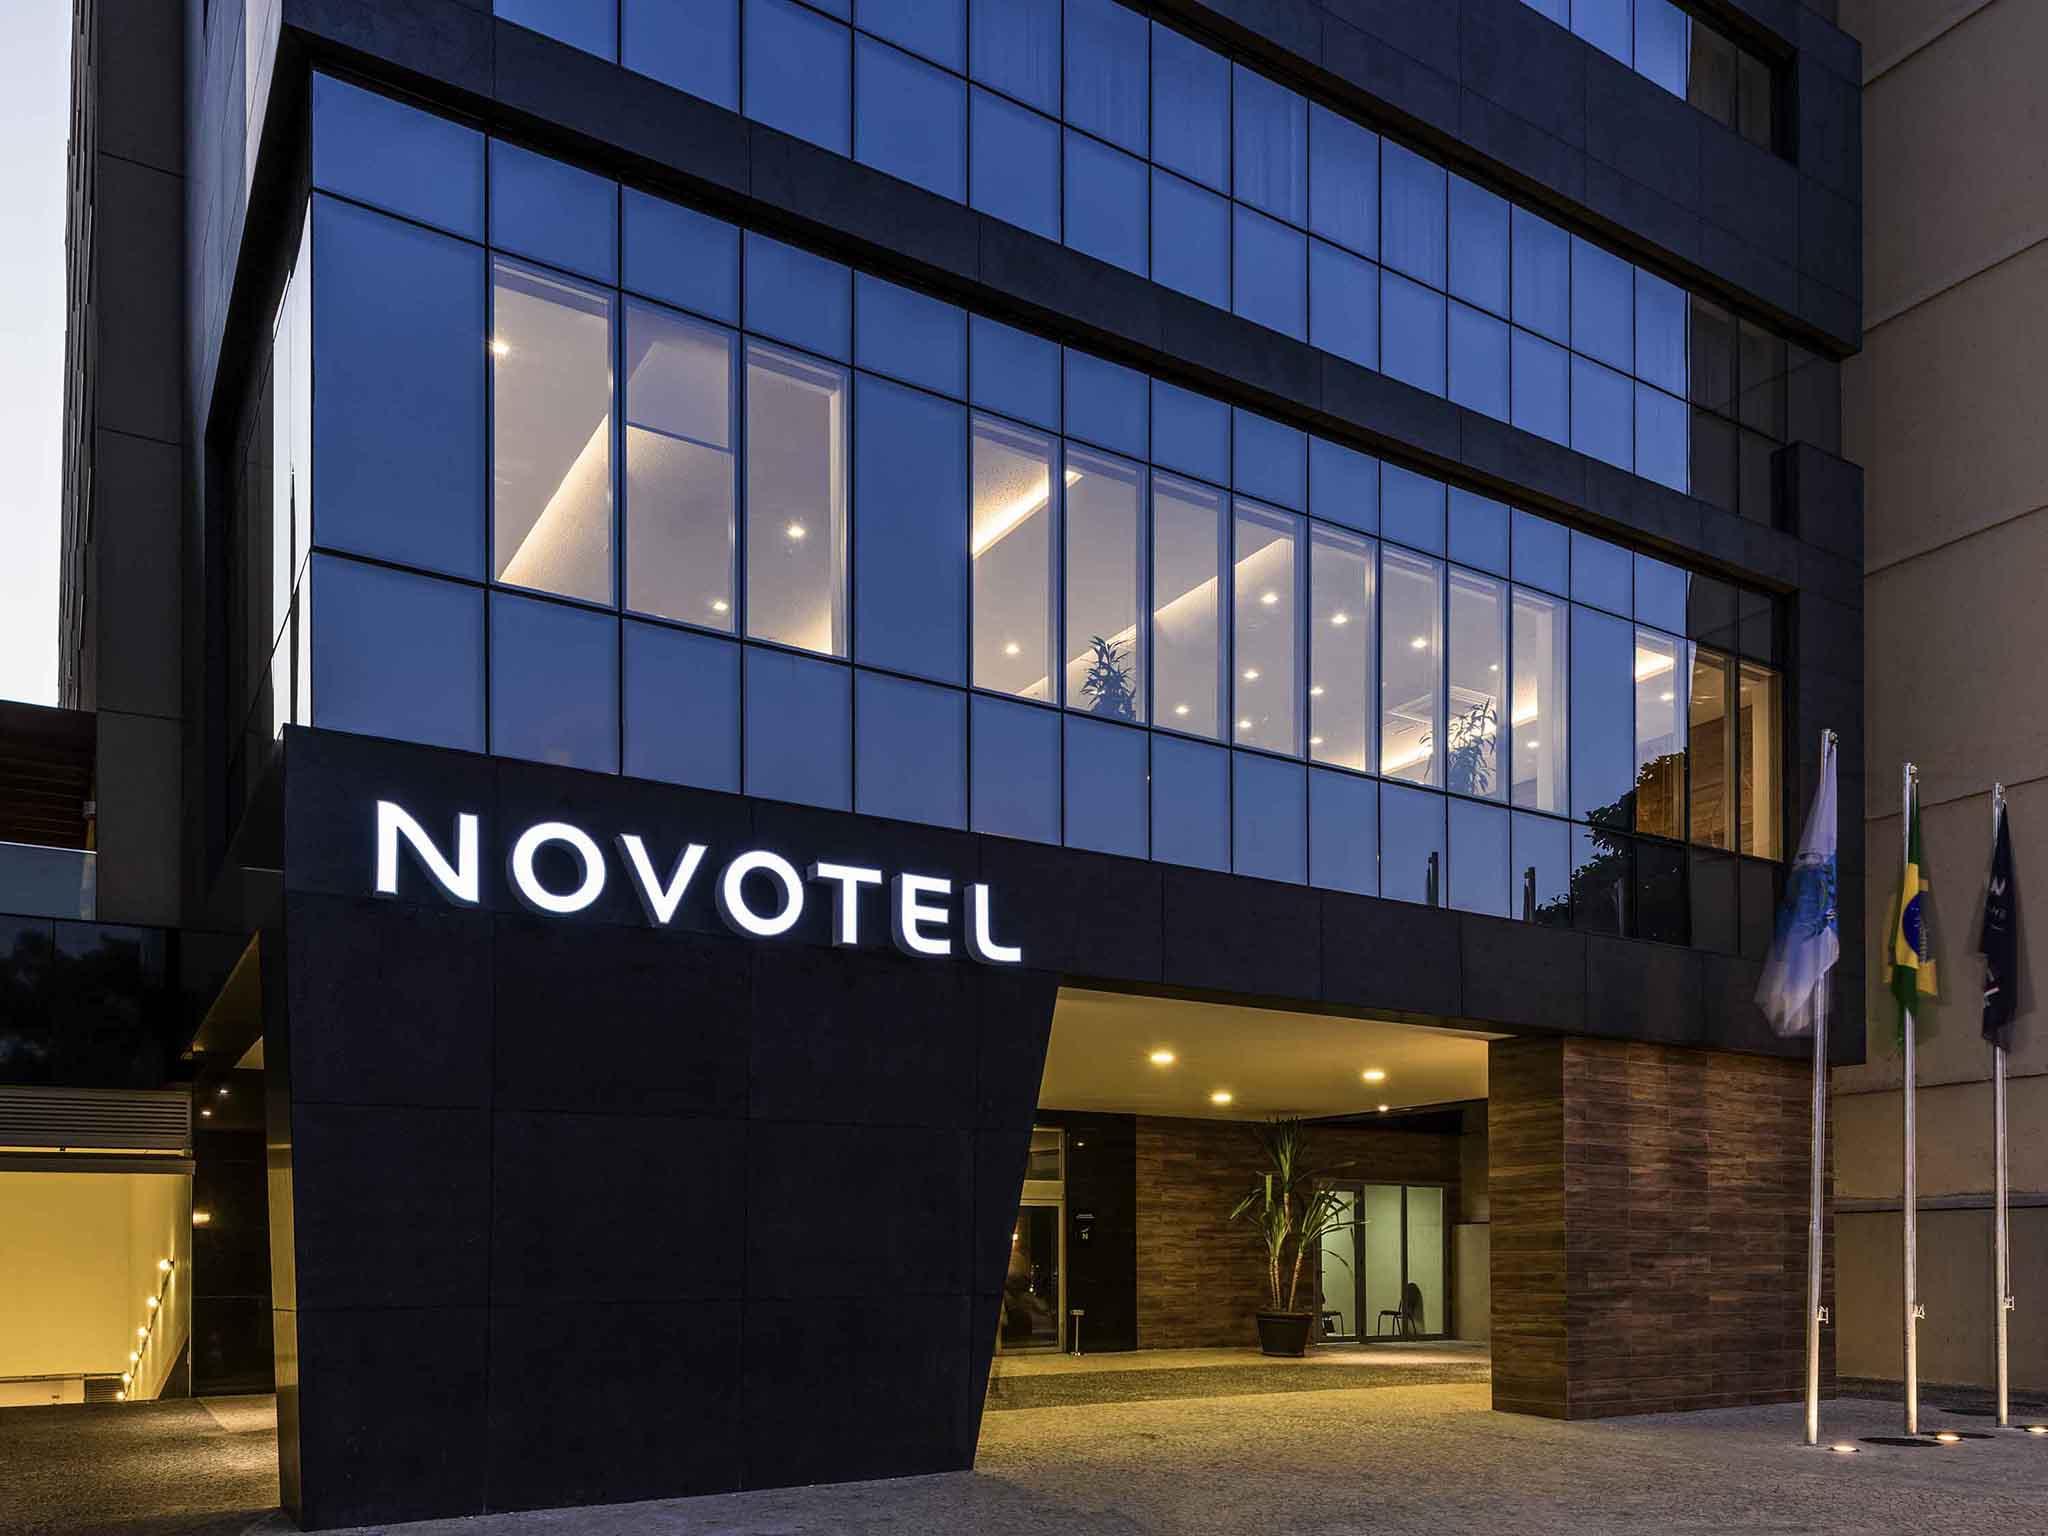 Hôtel - Novotel RJ Praia de Botafogo